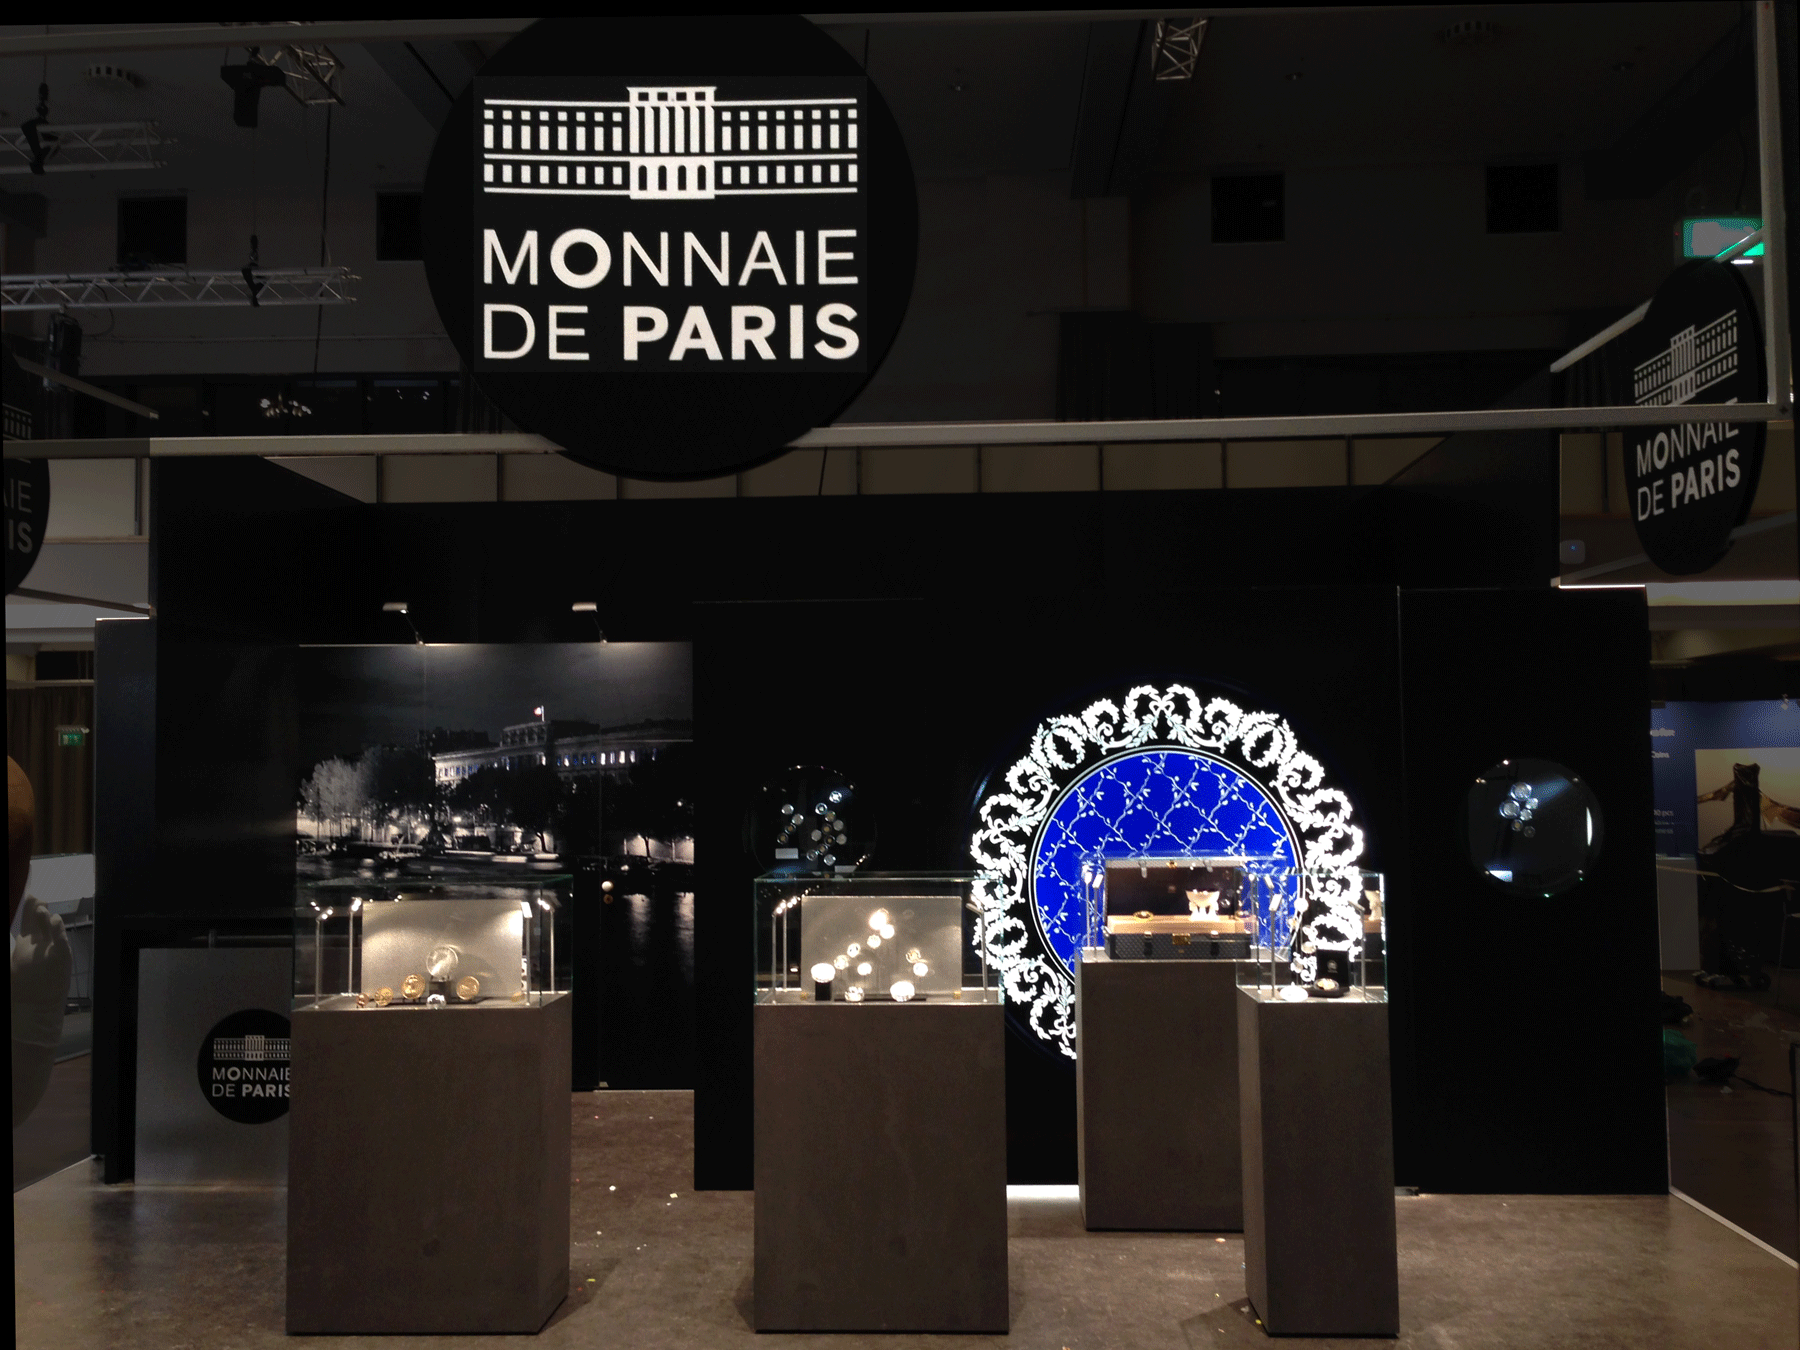 Stand Modulaire Monnaie de Paris 2015